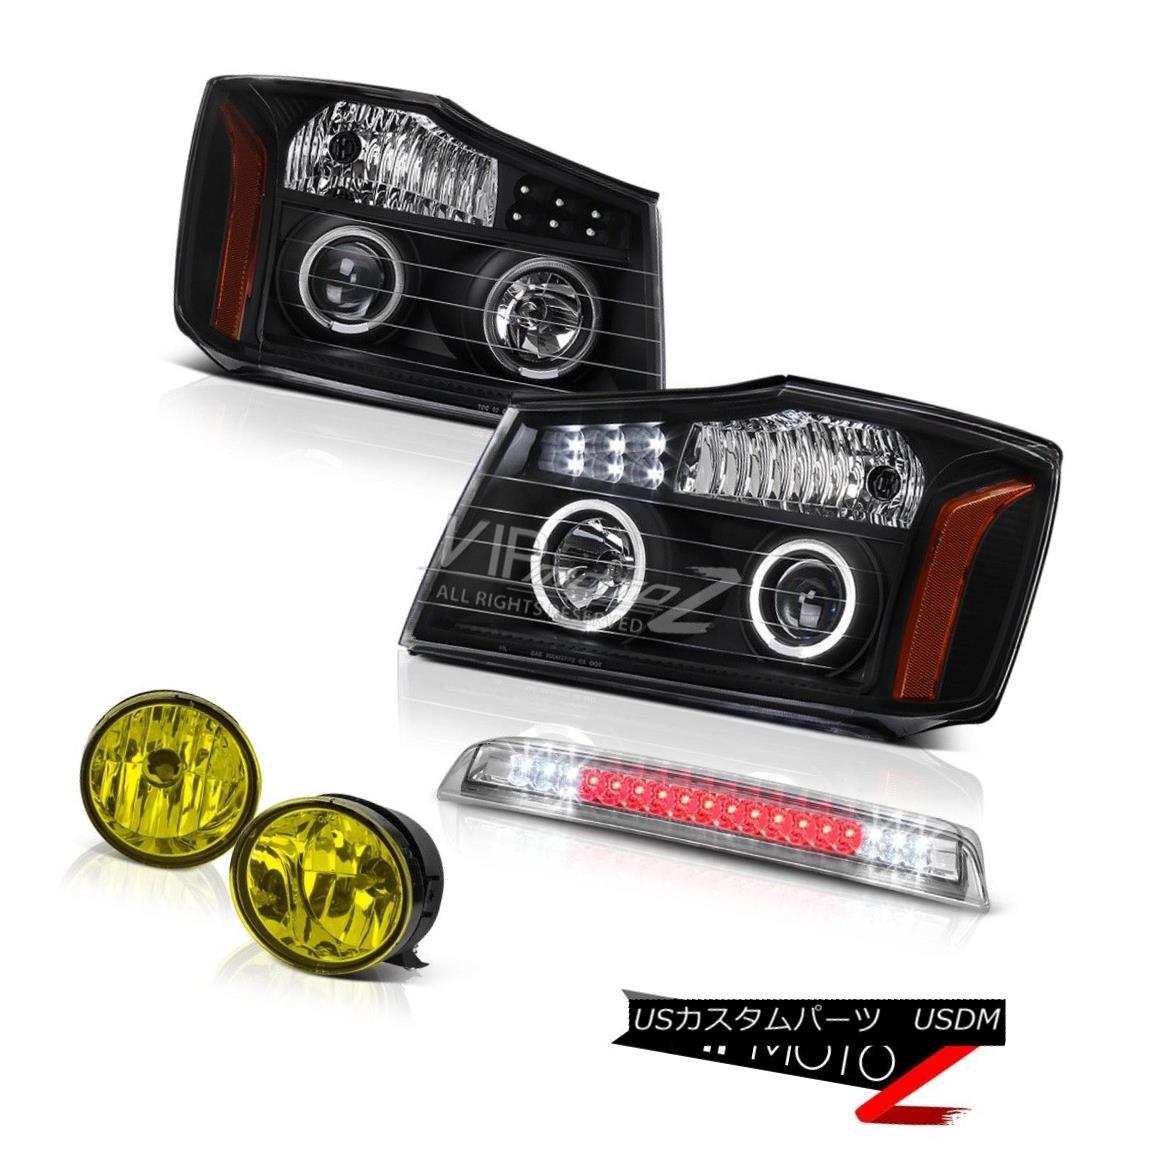 ヘッドライト Projector Black Headlights Yellow Fog High Brake Cargo LED For 04-15 Titan LE プロジェクターブラックヘッドライトイエローフォグハイブレーキ用カーゴLED 04-15 Titan LE